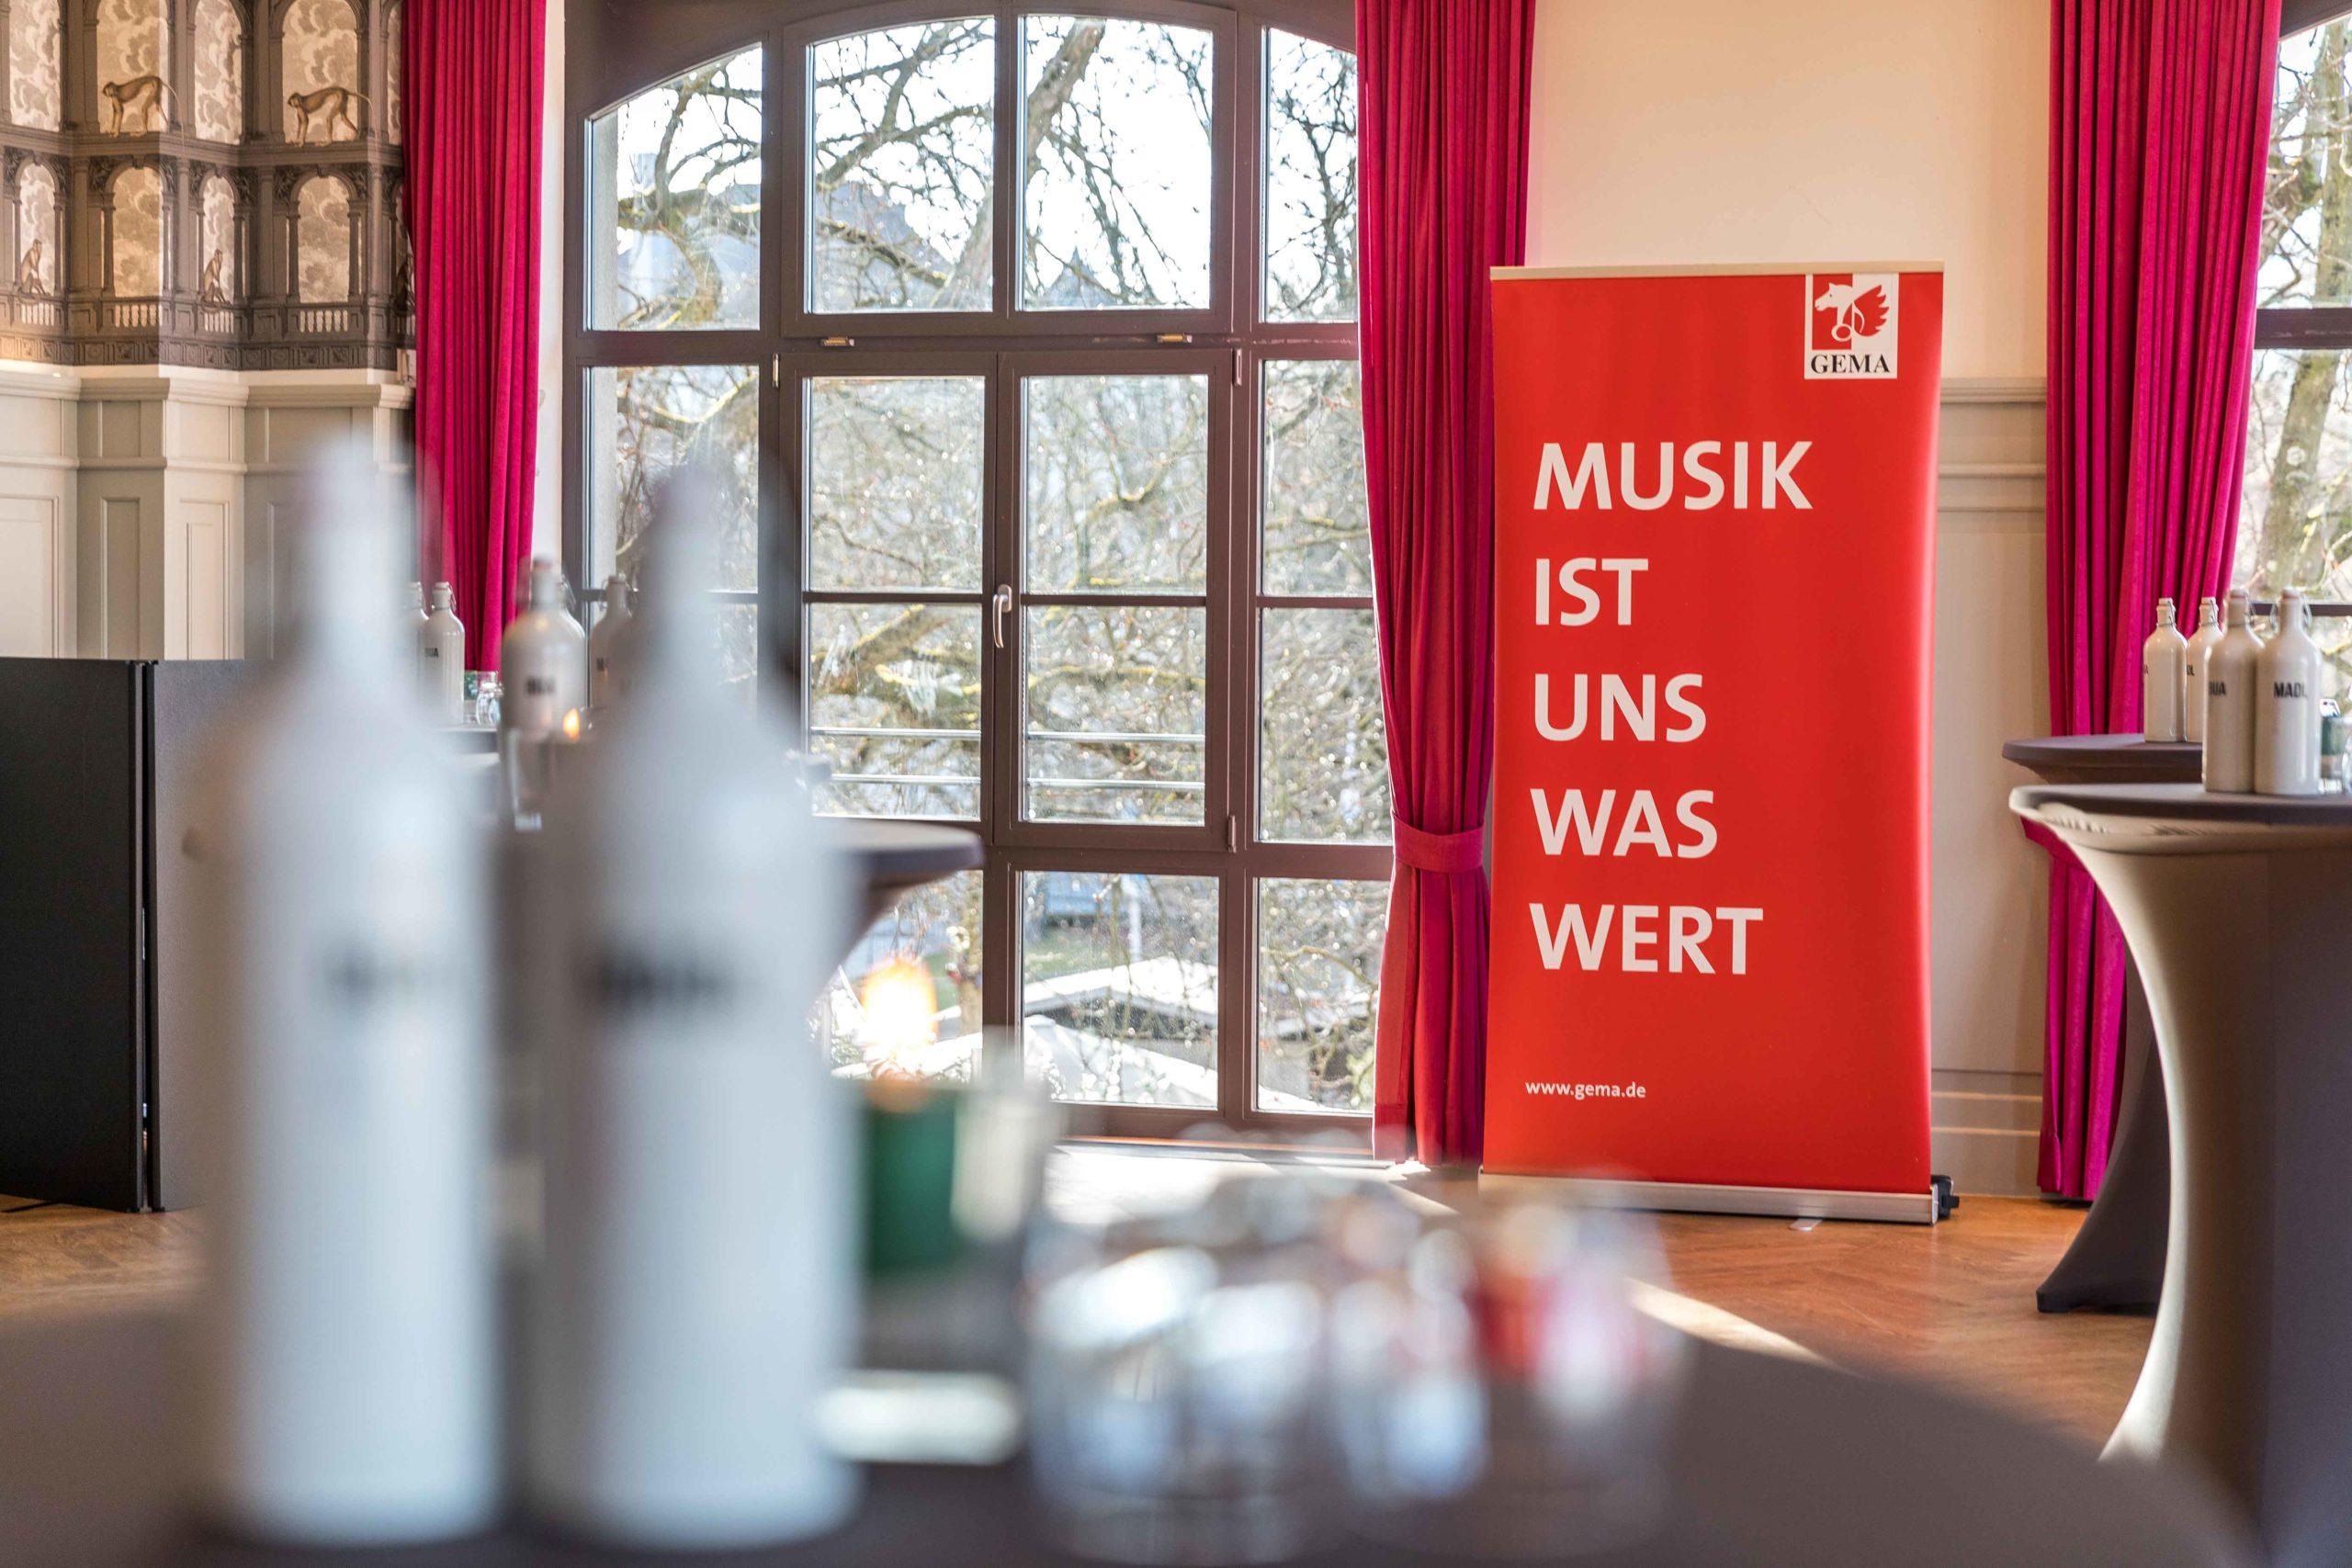 Eventfotografie Events München Anja Richter Fotografie GEMA NE 2020-10